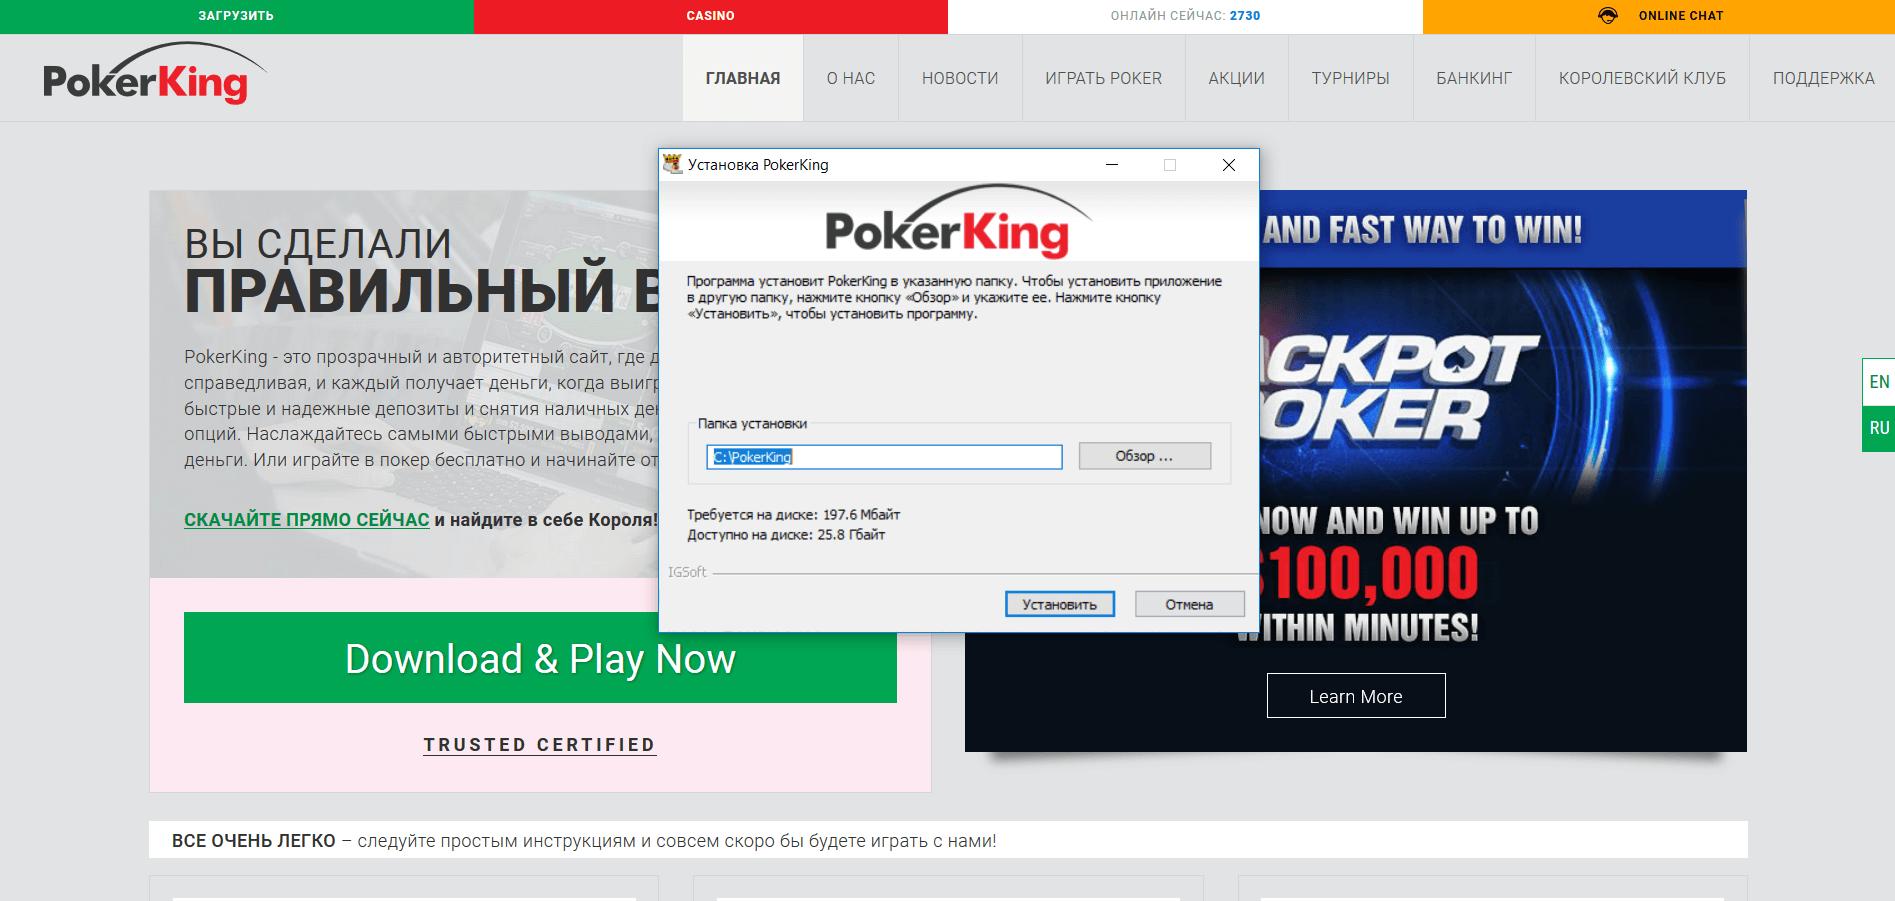 покер кинг скачать на компьютер